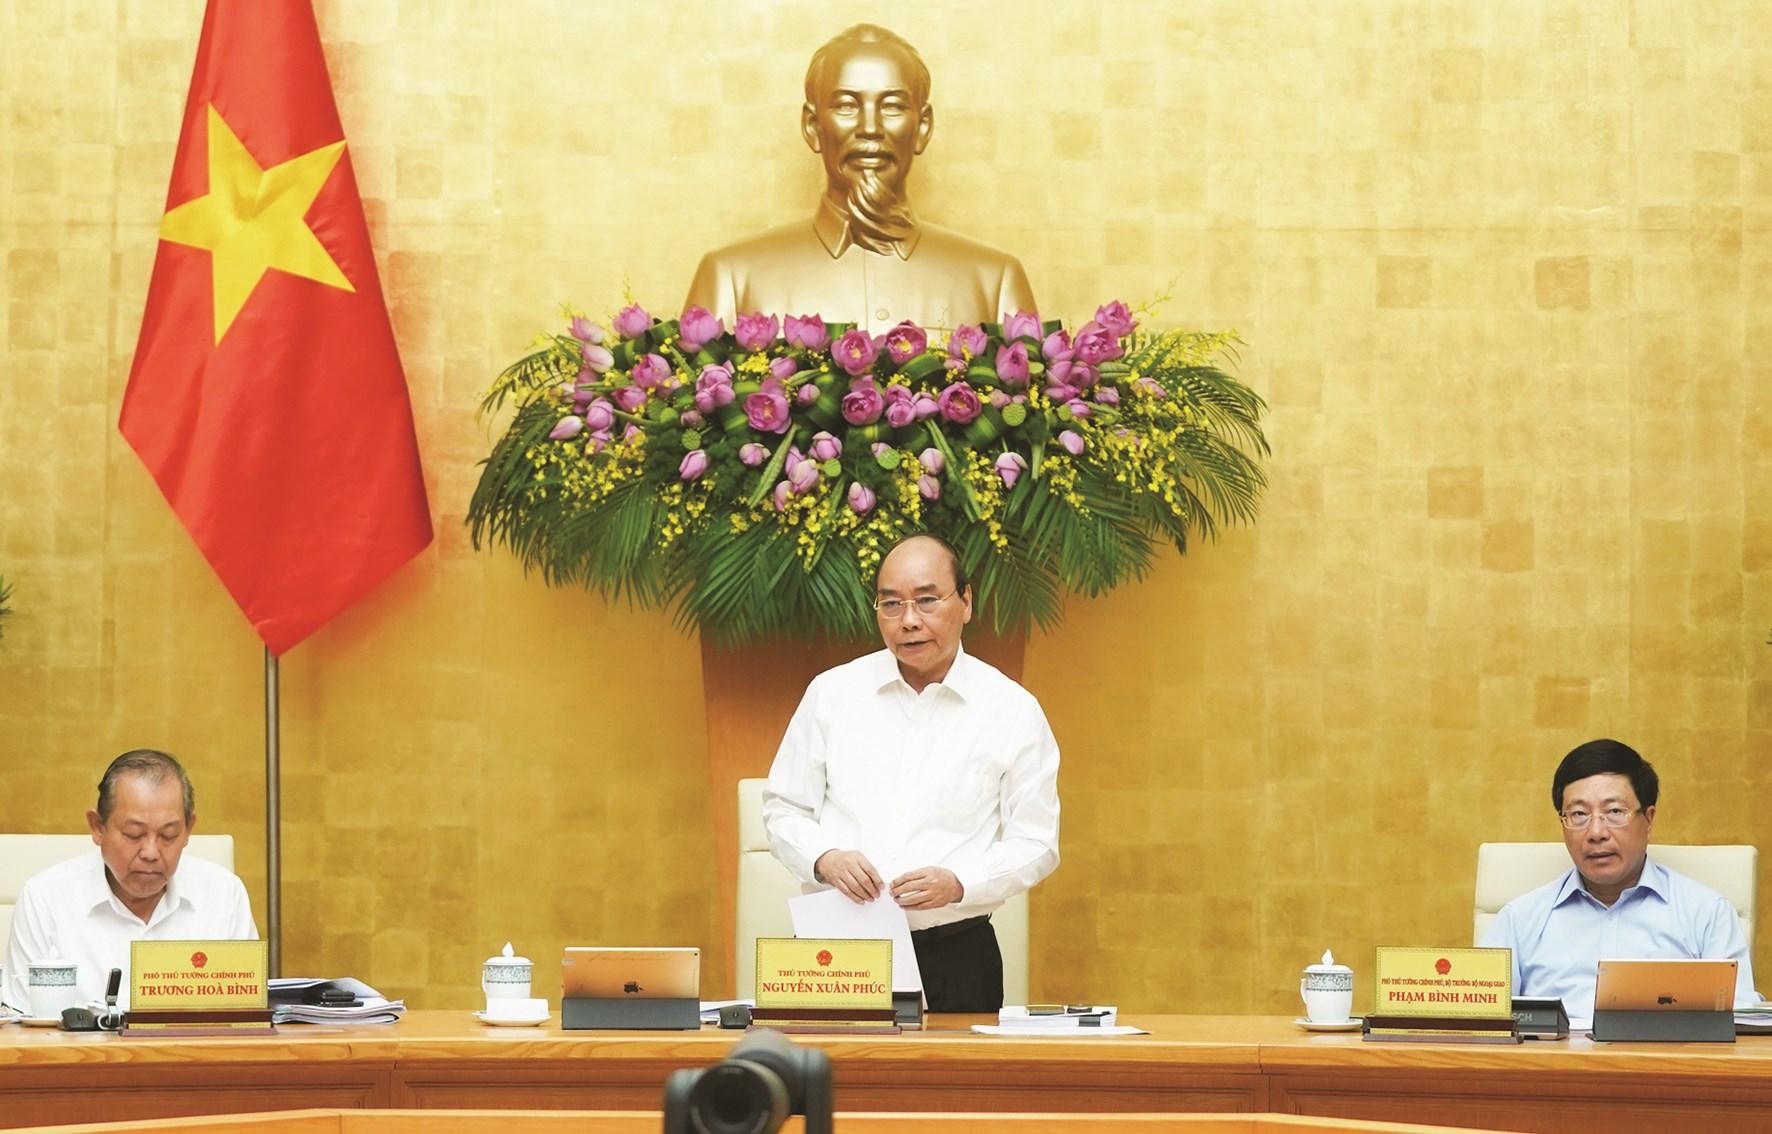 Thủ tướng Nguyễn Xuân Phúc chủ trì phiên họp Chính phủ tháng 5/2020